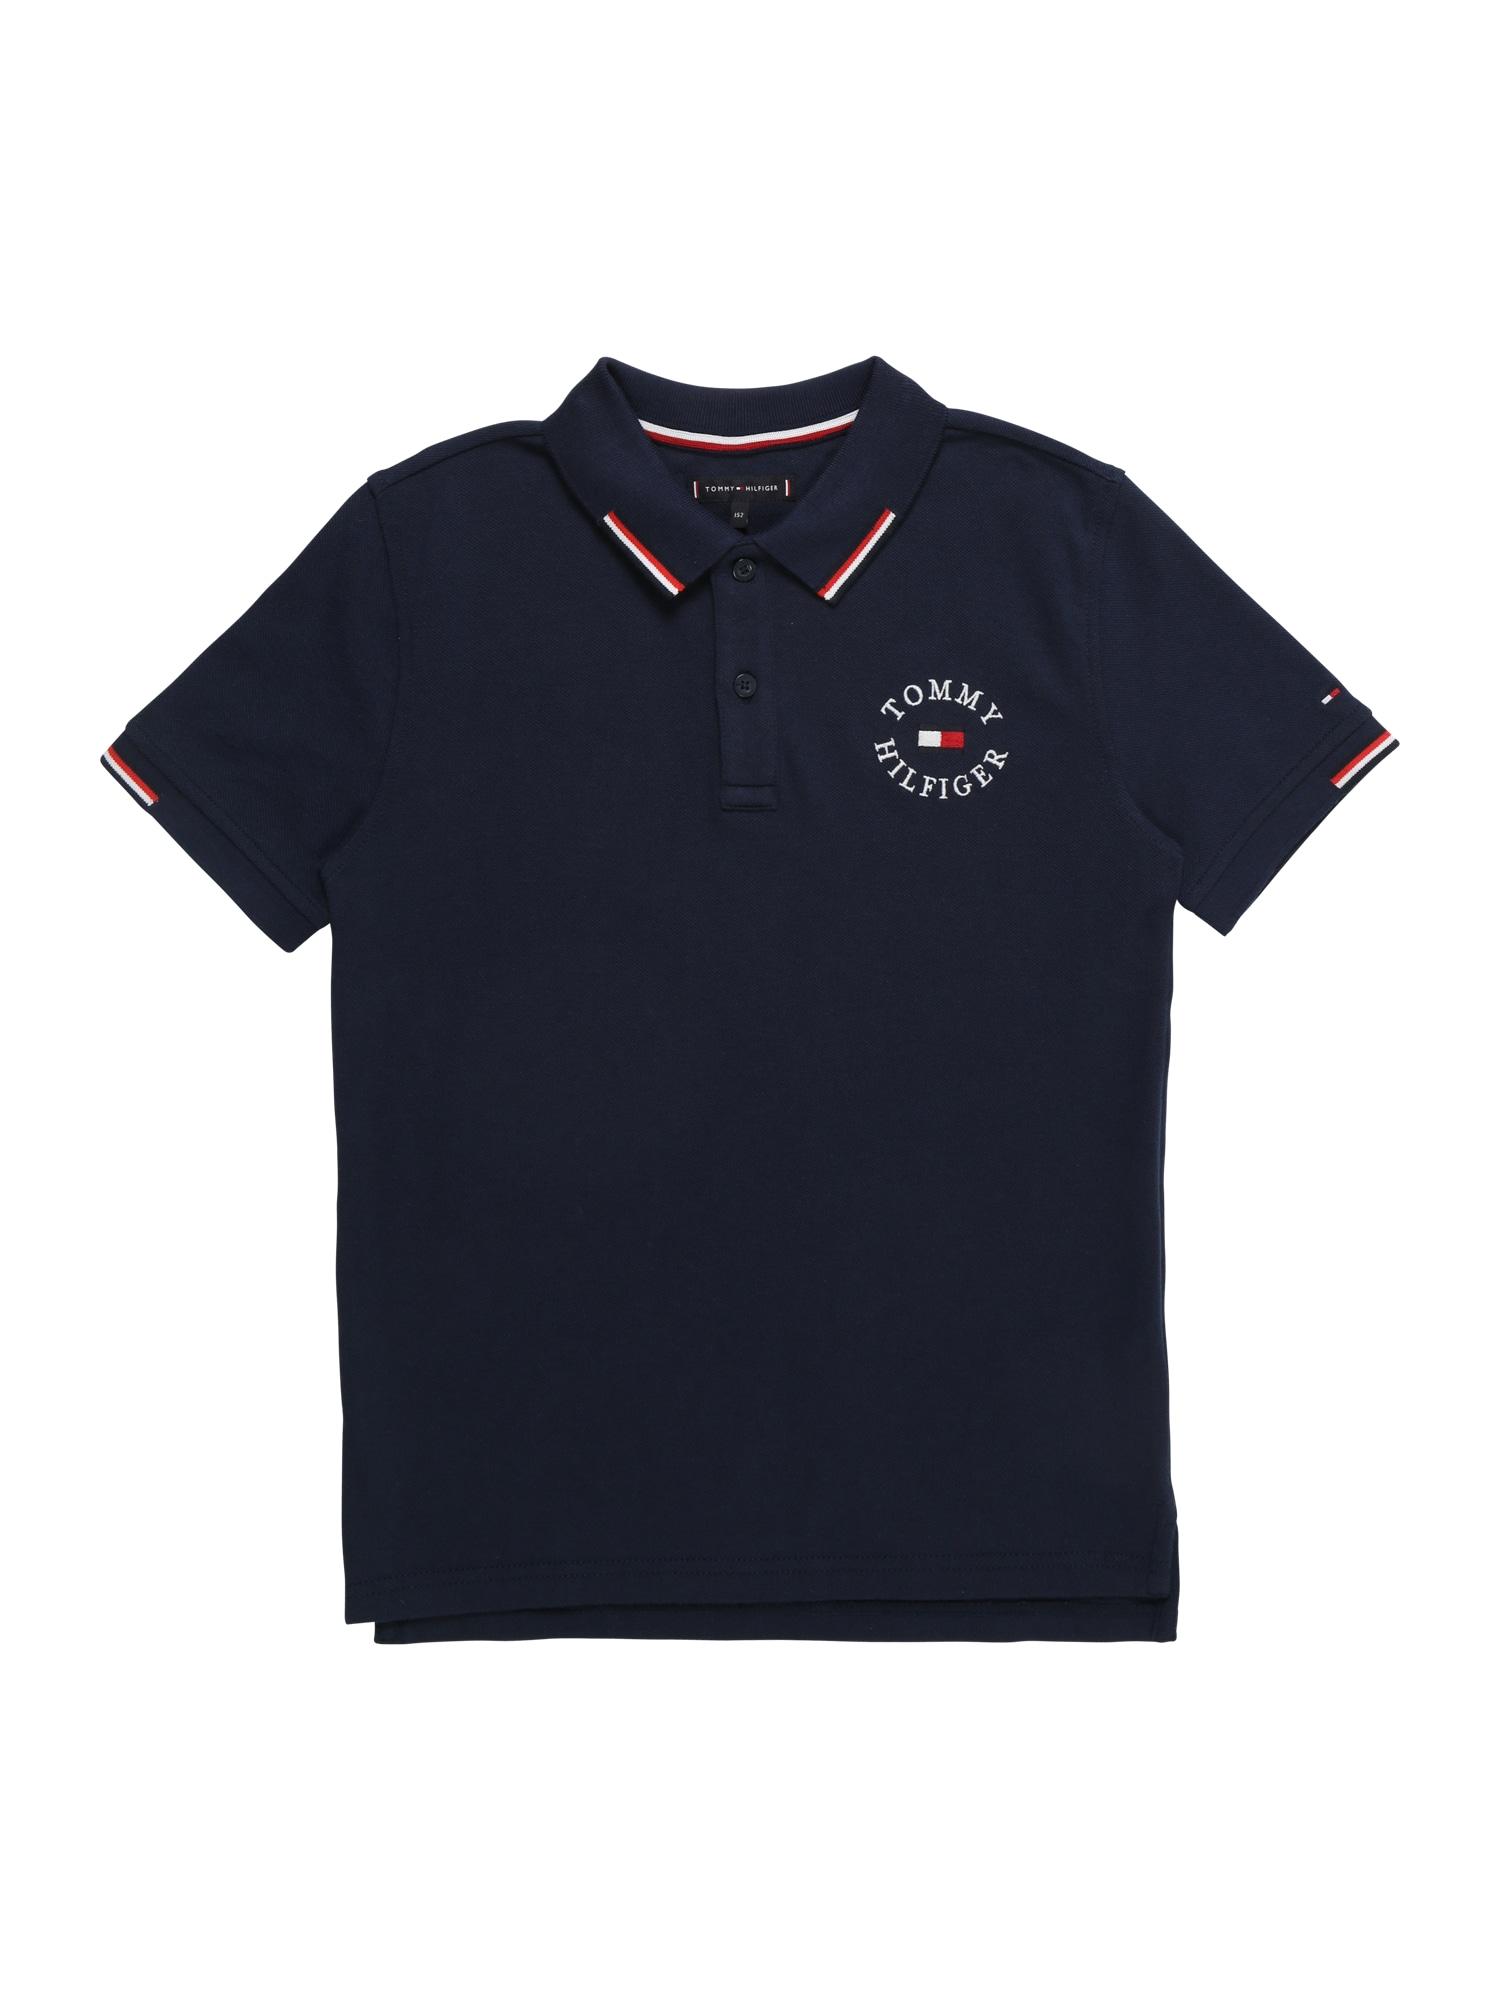 Tričko ultramarínová modř červená bílá TOMMY HILFIGER